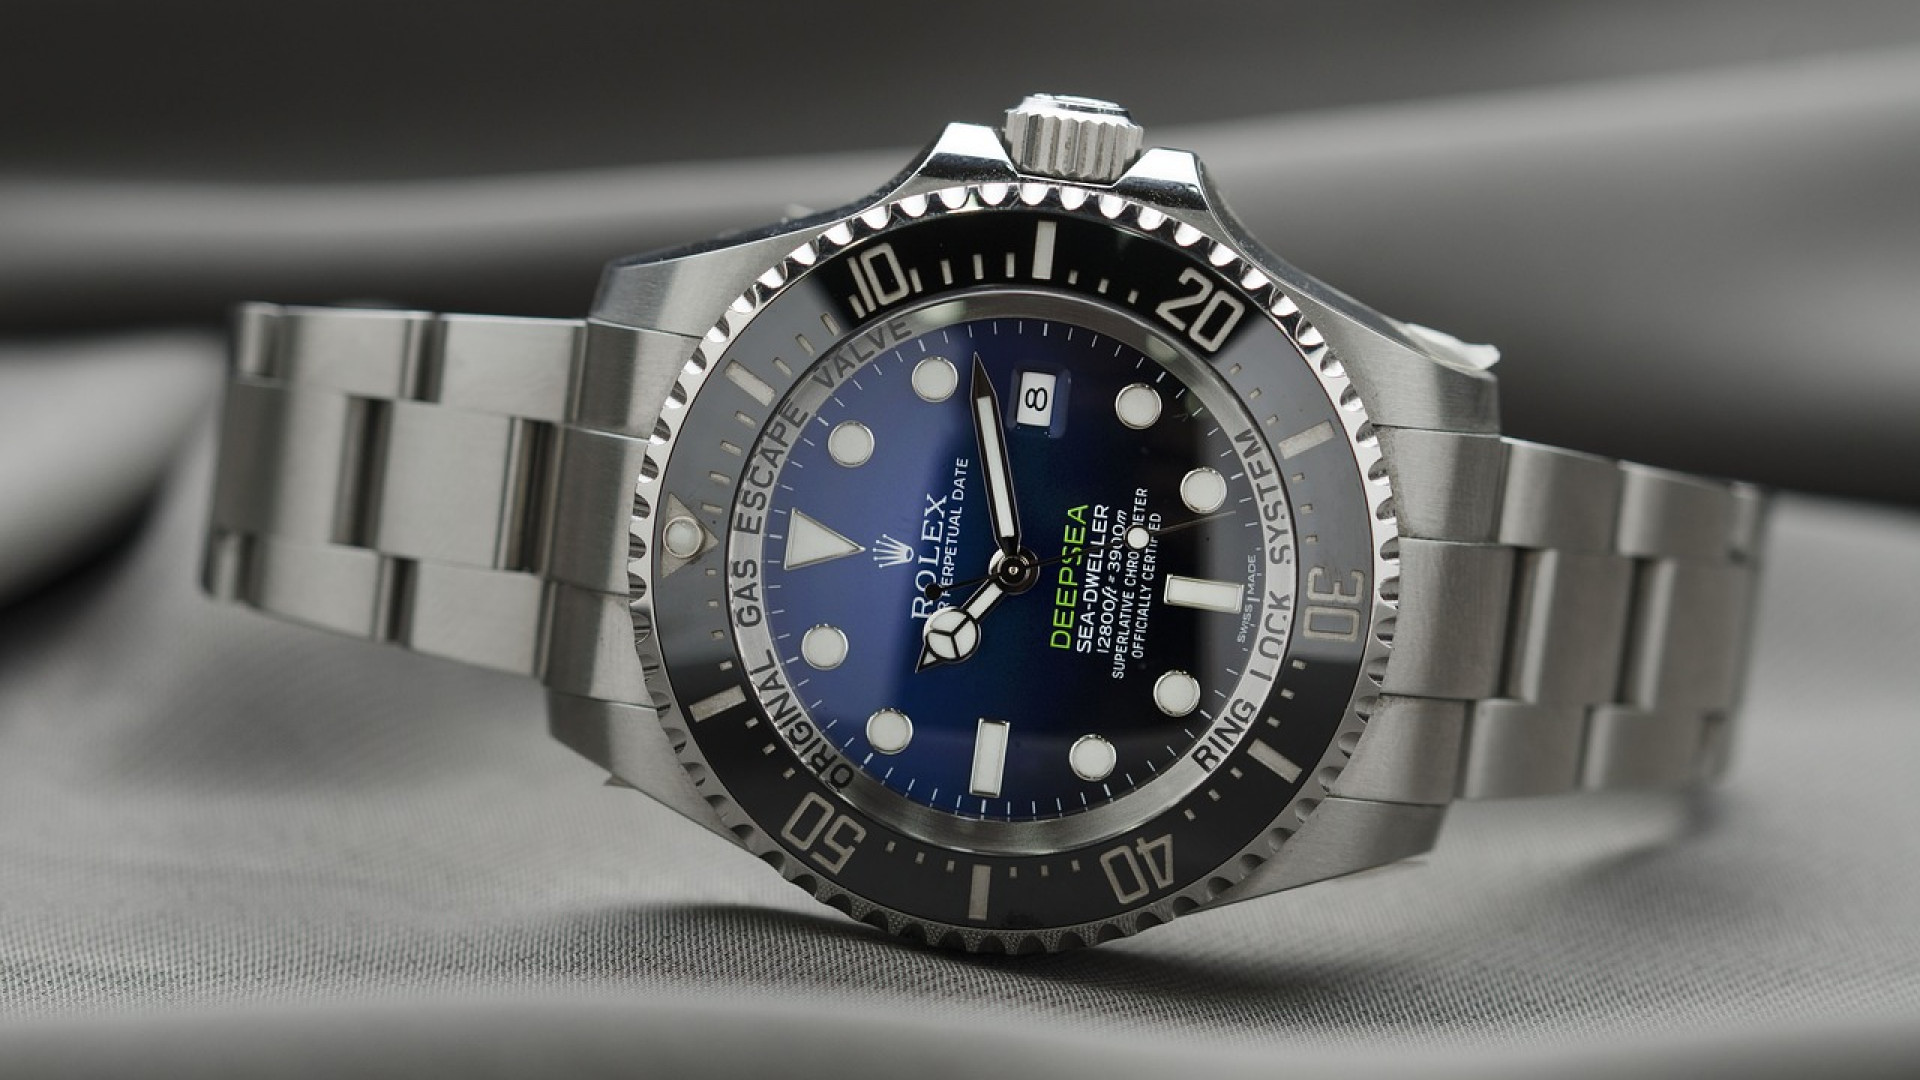 Bracelet de luxe pour homme : comment faire son choix ?